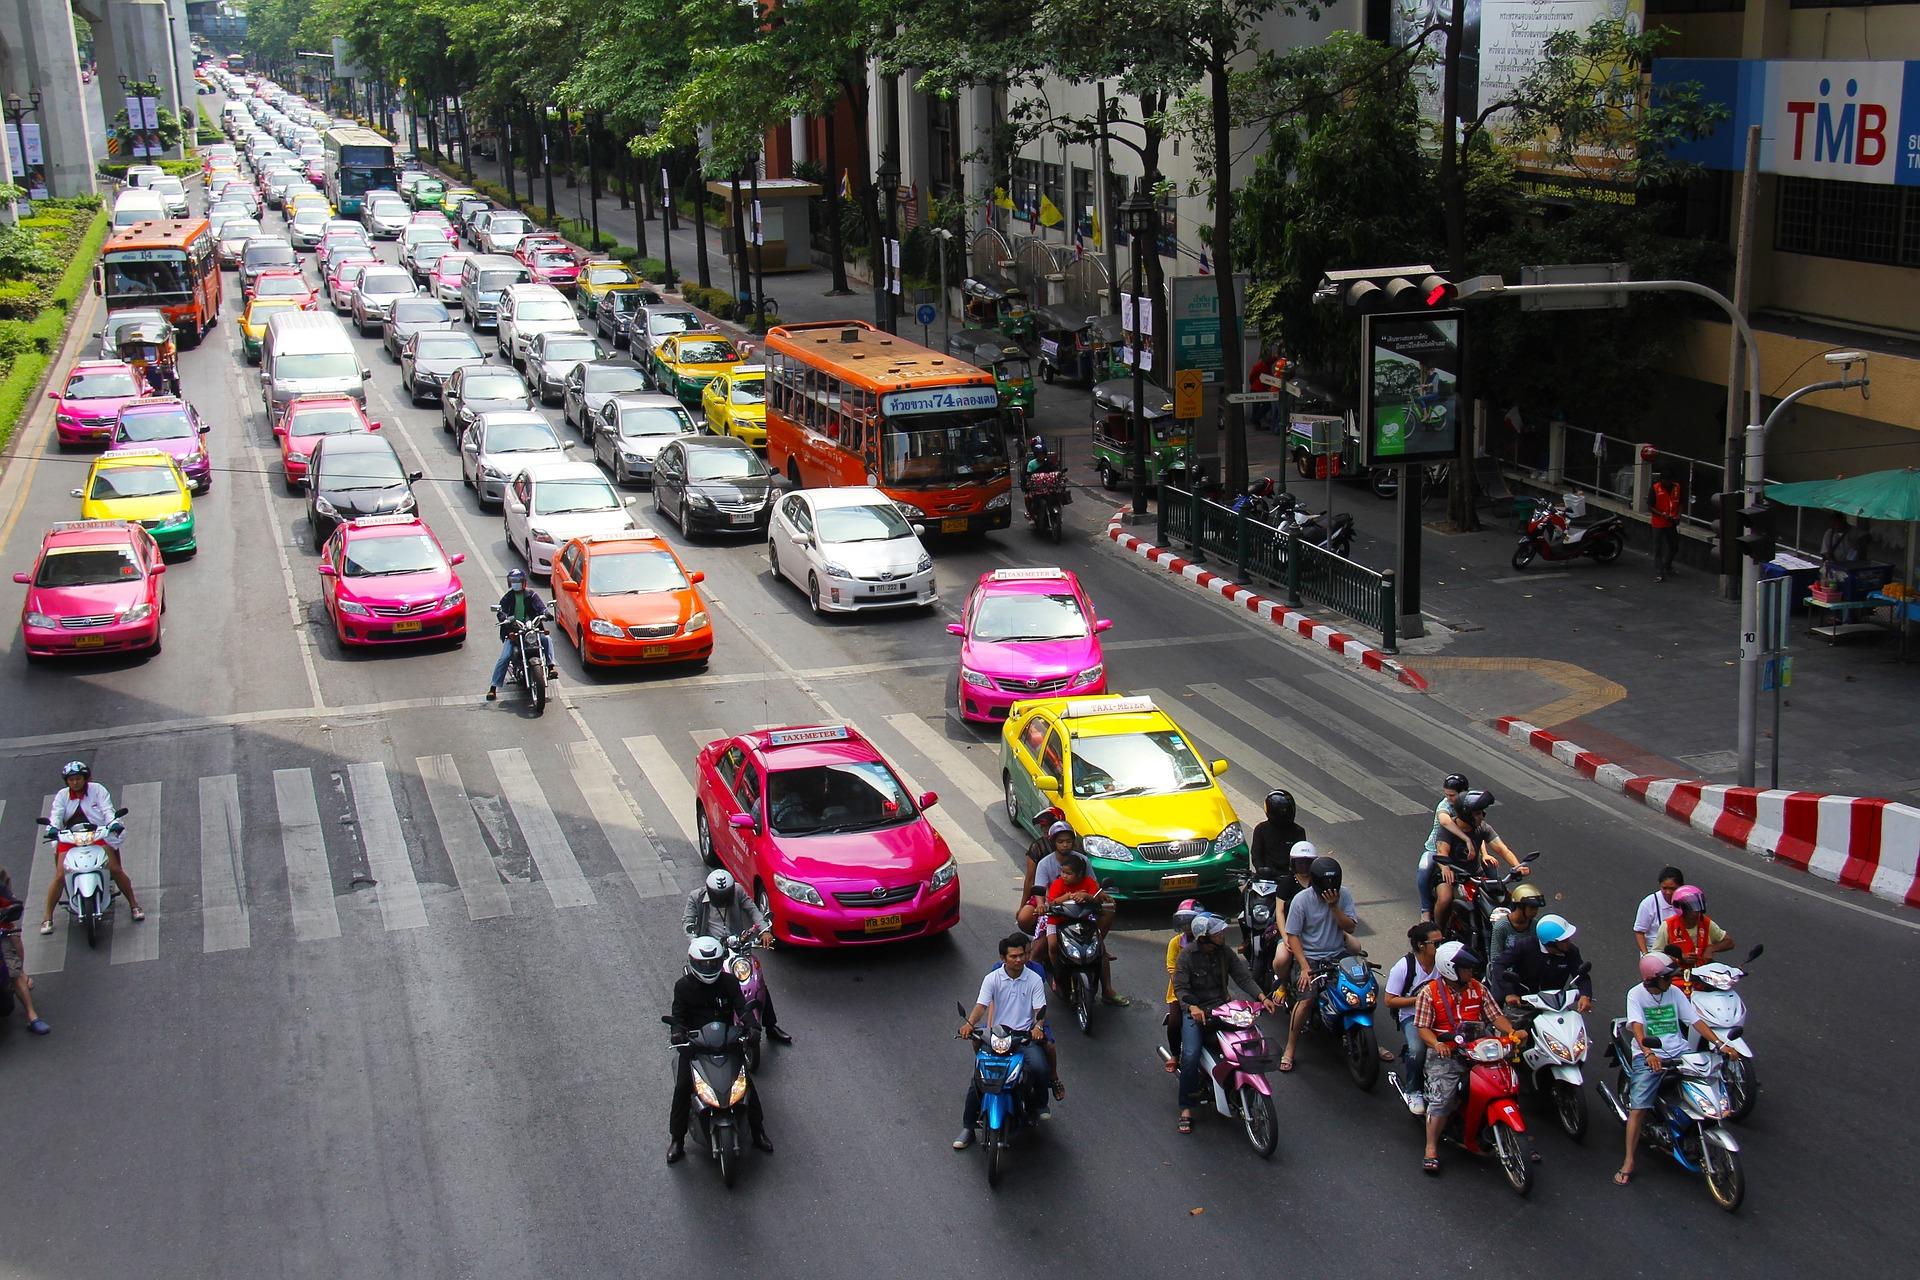 W poniedziałek (25 lipca) obchodzimy Dzień Bezpiecznego Kierowcy. (Fot. Pixabay)